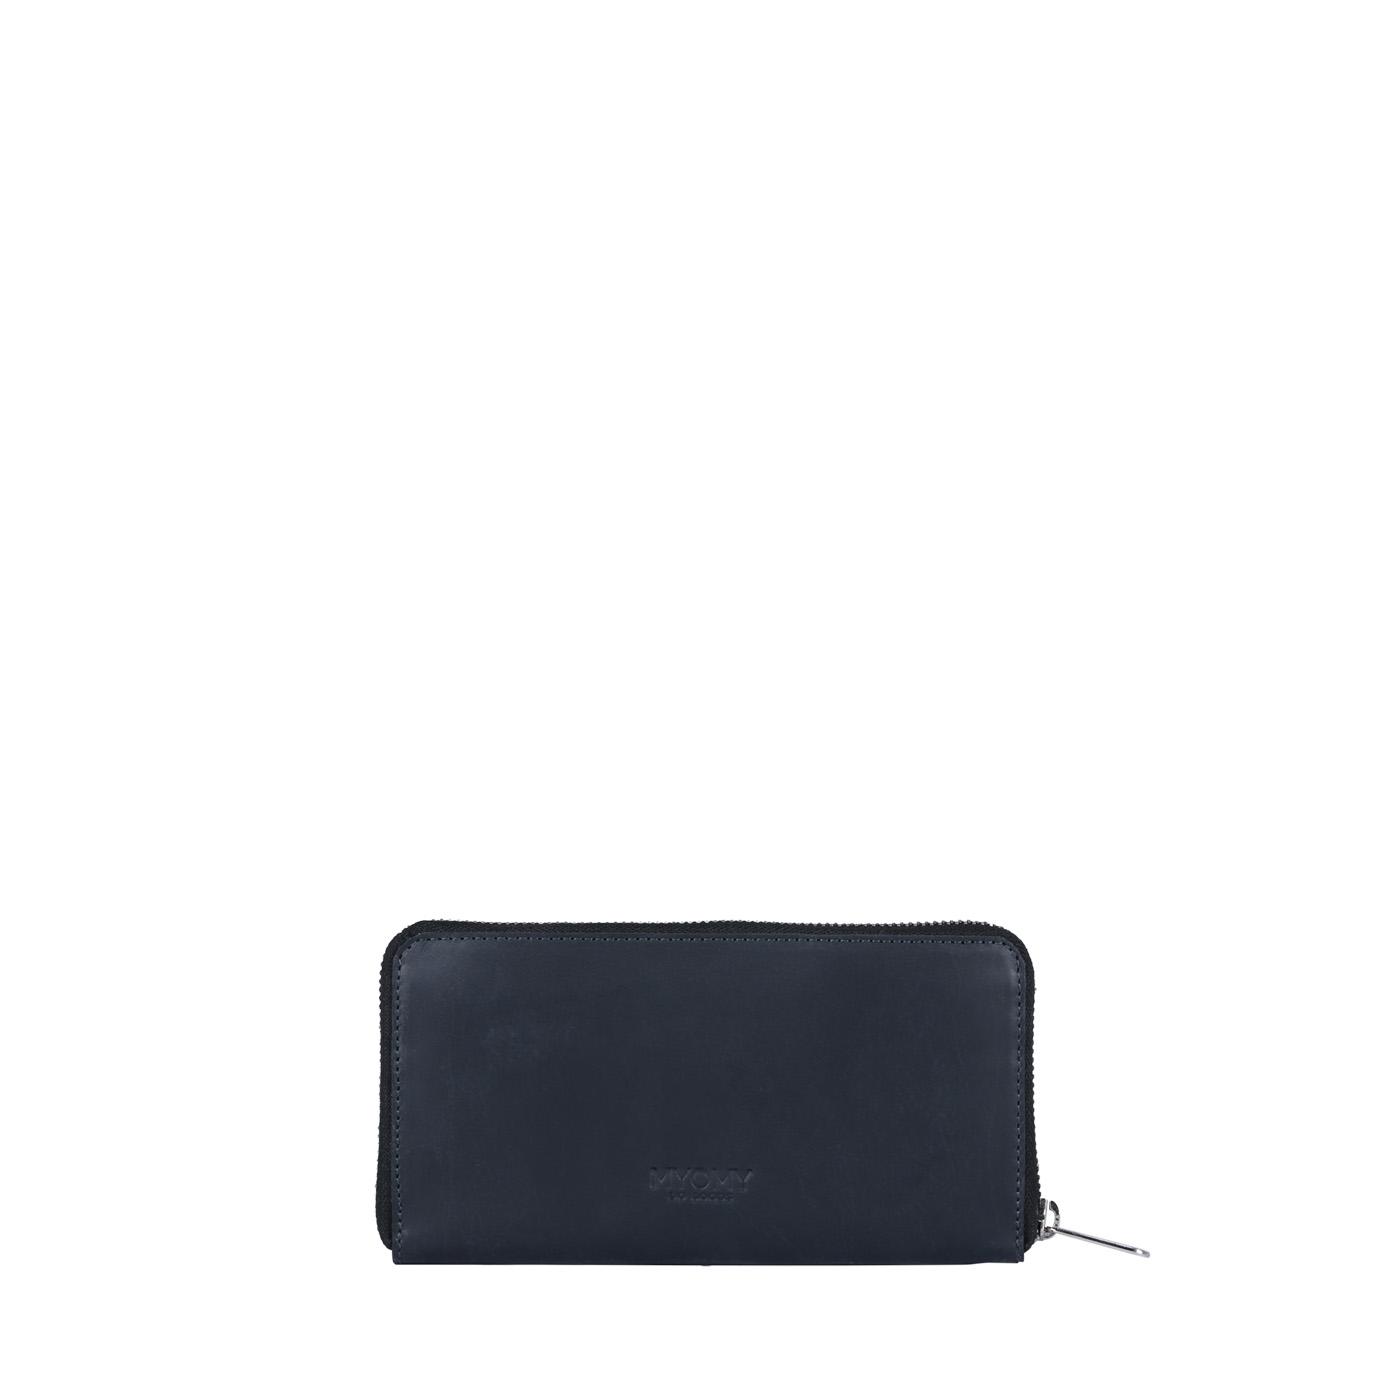 MY PAPER BAG Wallet Large (RFID) - hunter off black